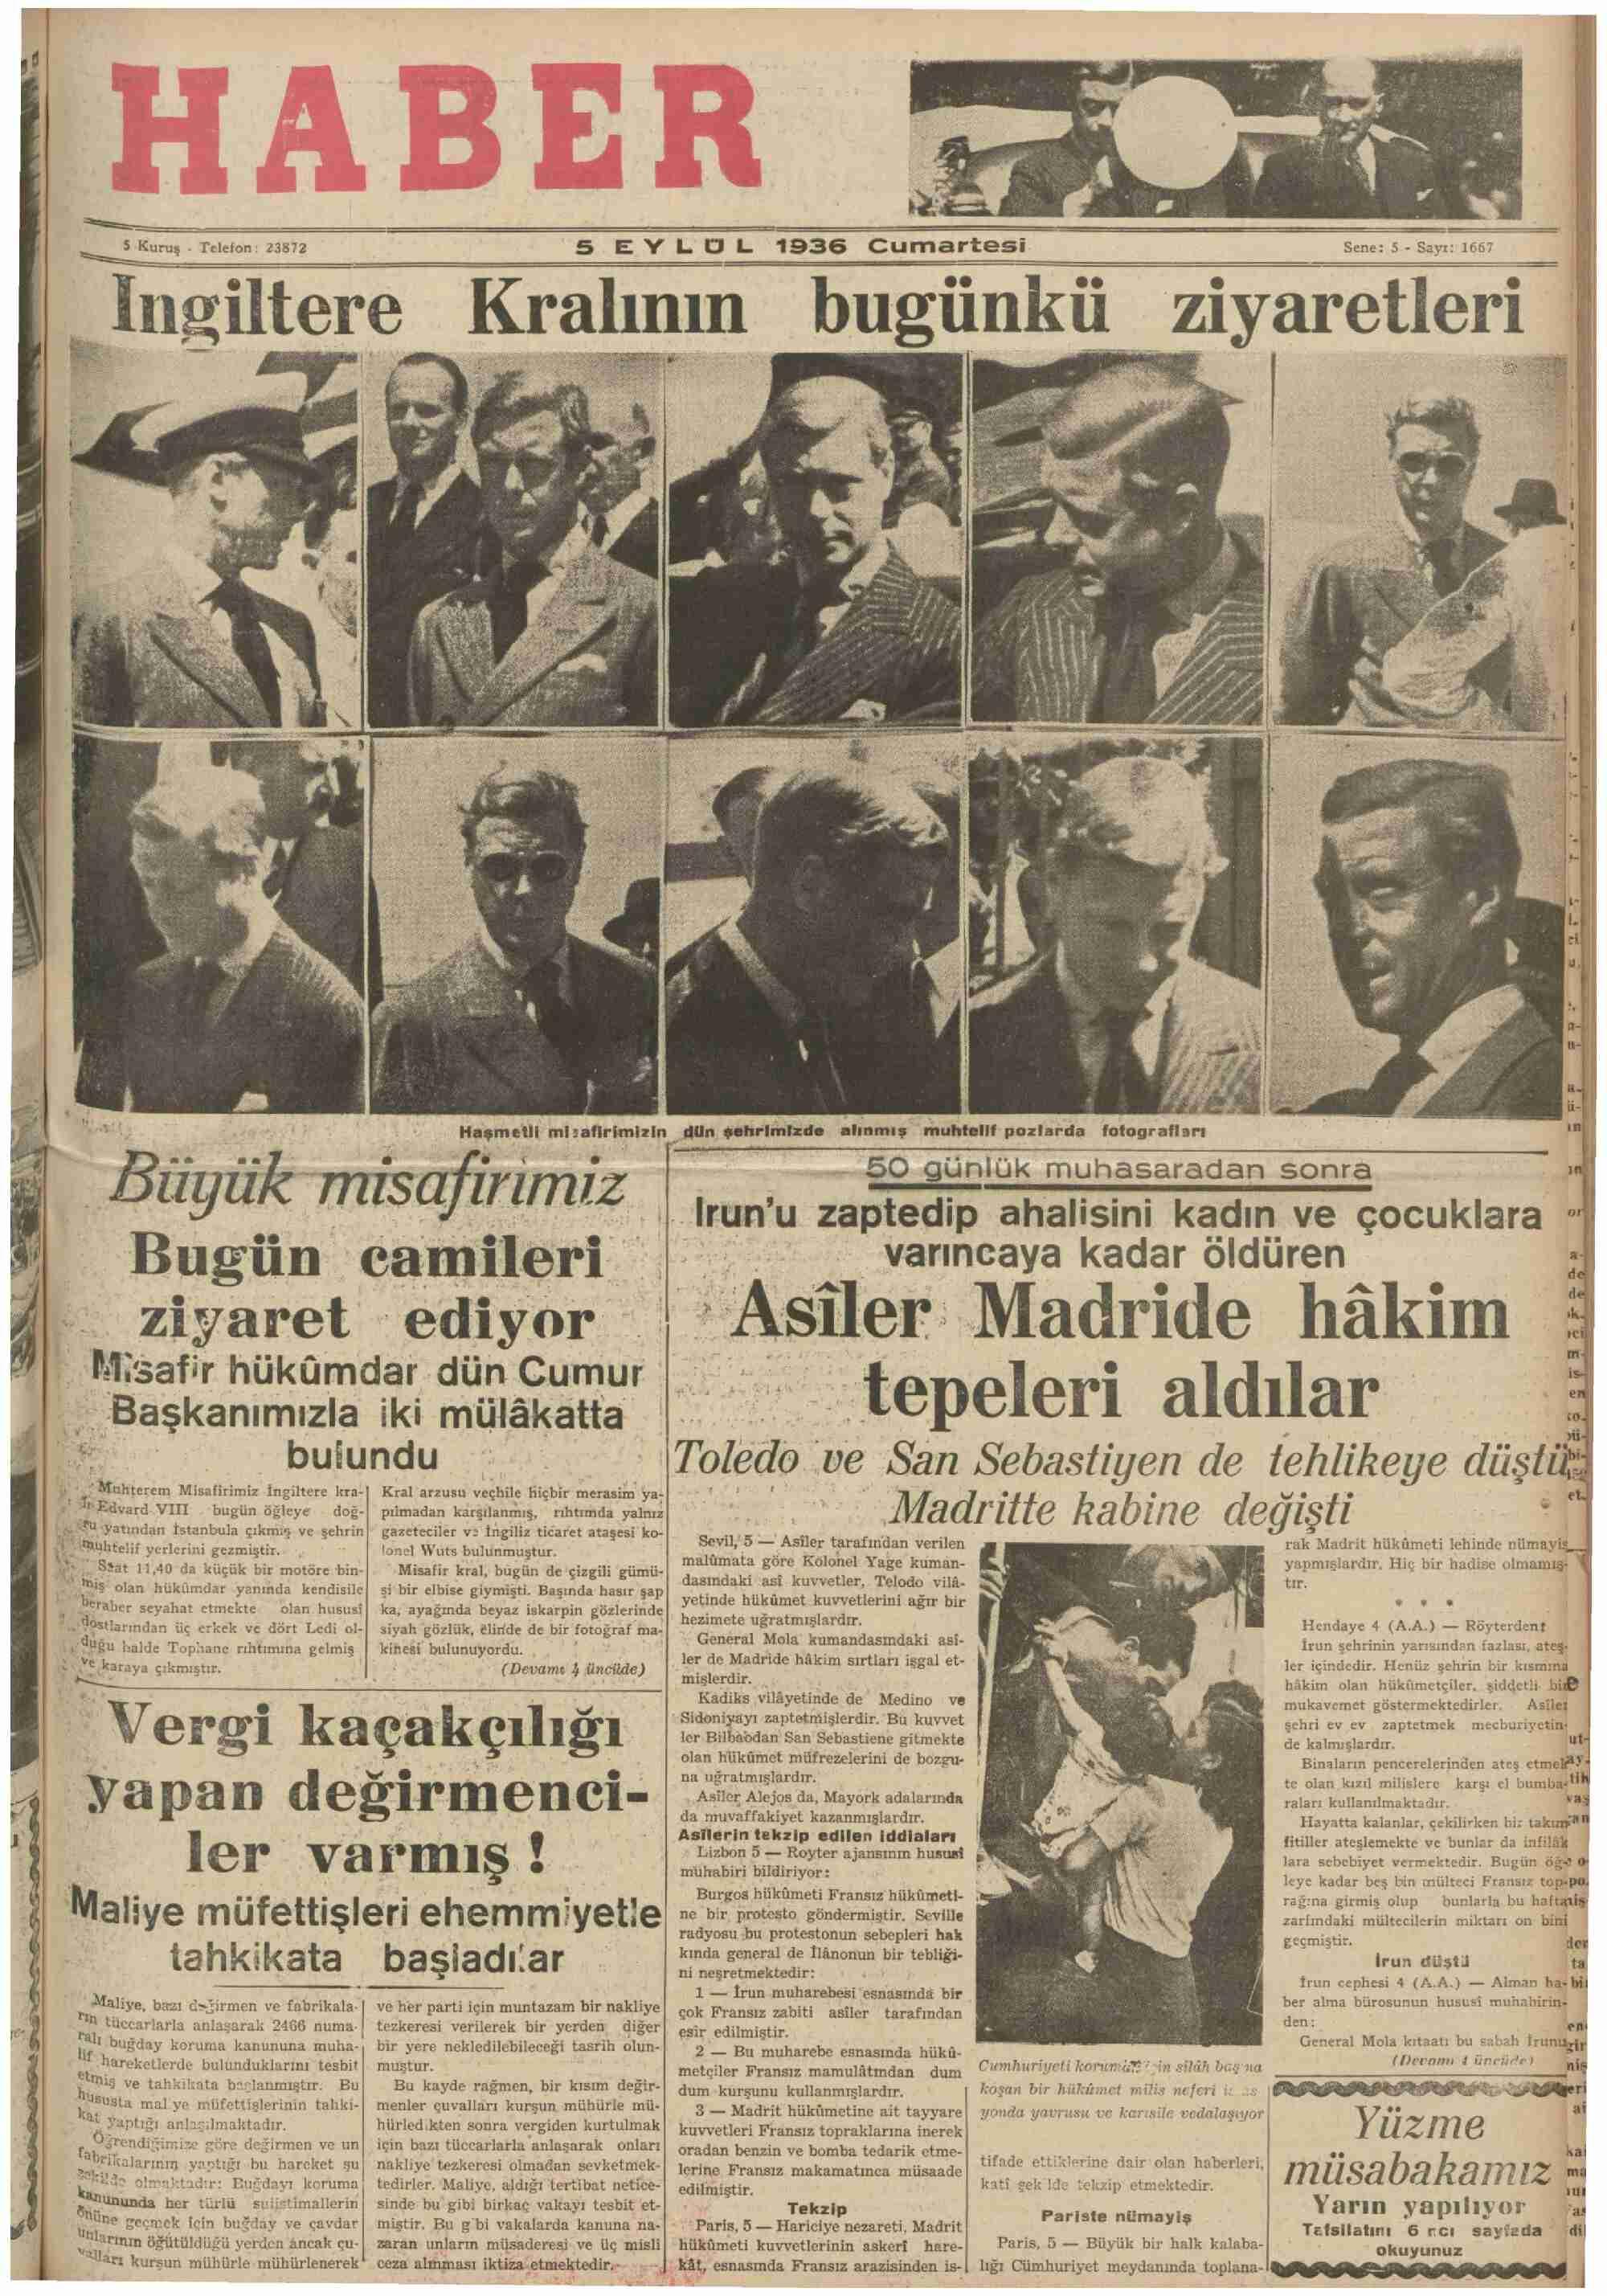 5 Eylül 1936 Tarihli Haber Gazetesi Sayfa 1